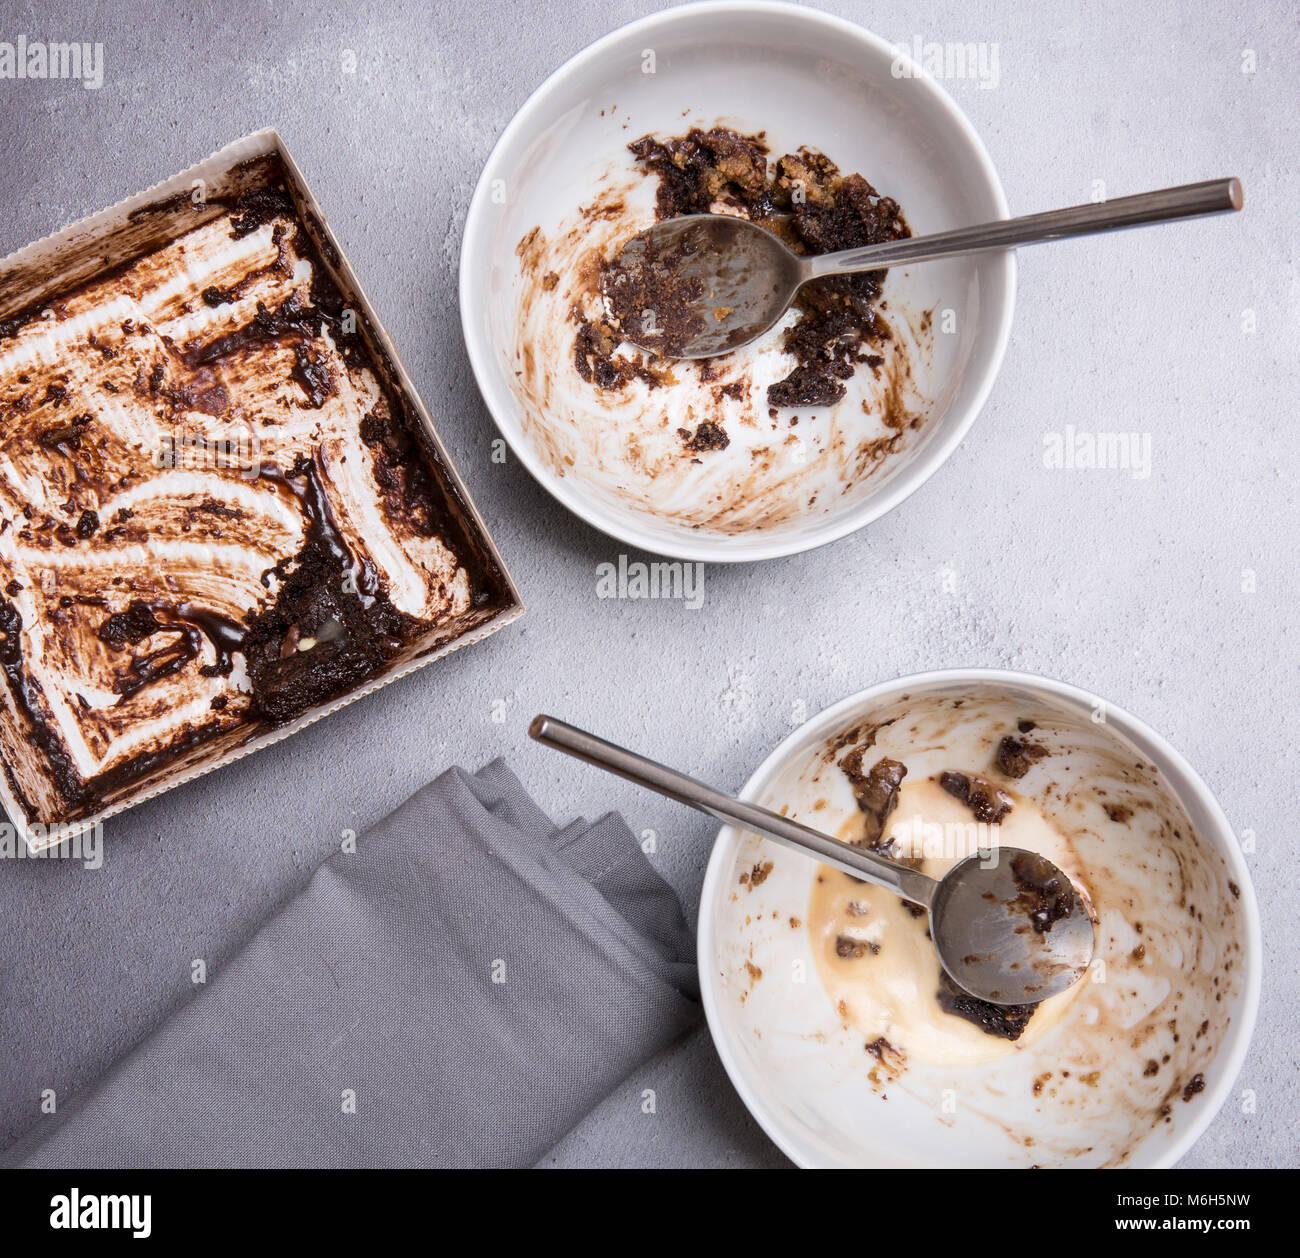 Schokoladenpudding Reste auf einem grauen strukturierten Hintergrund mit mapkin Löffeln und Schalen Stockbild